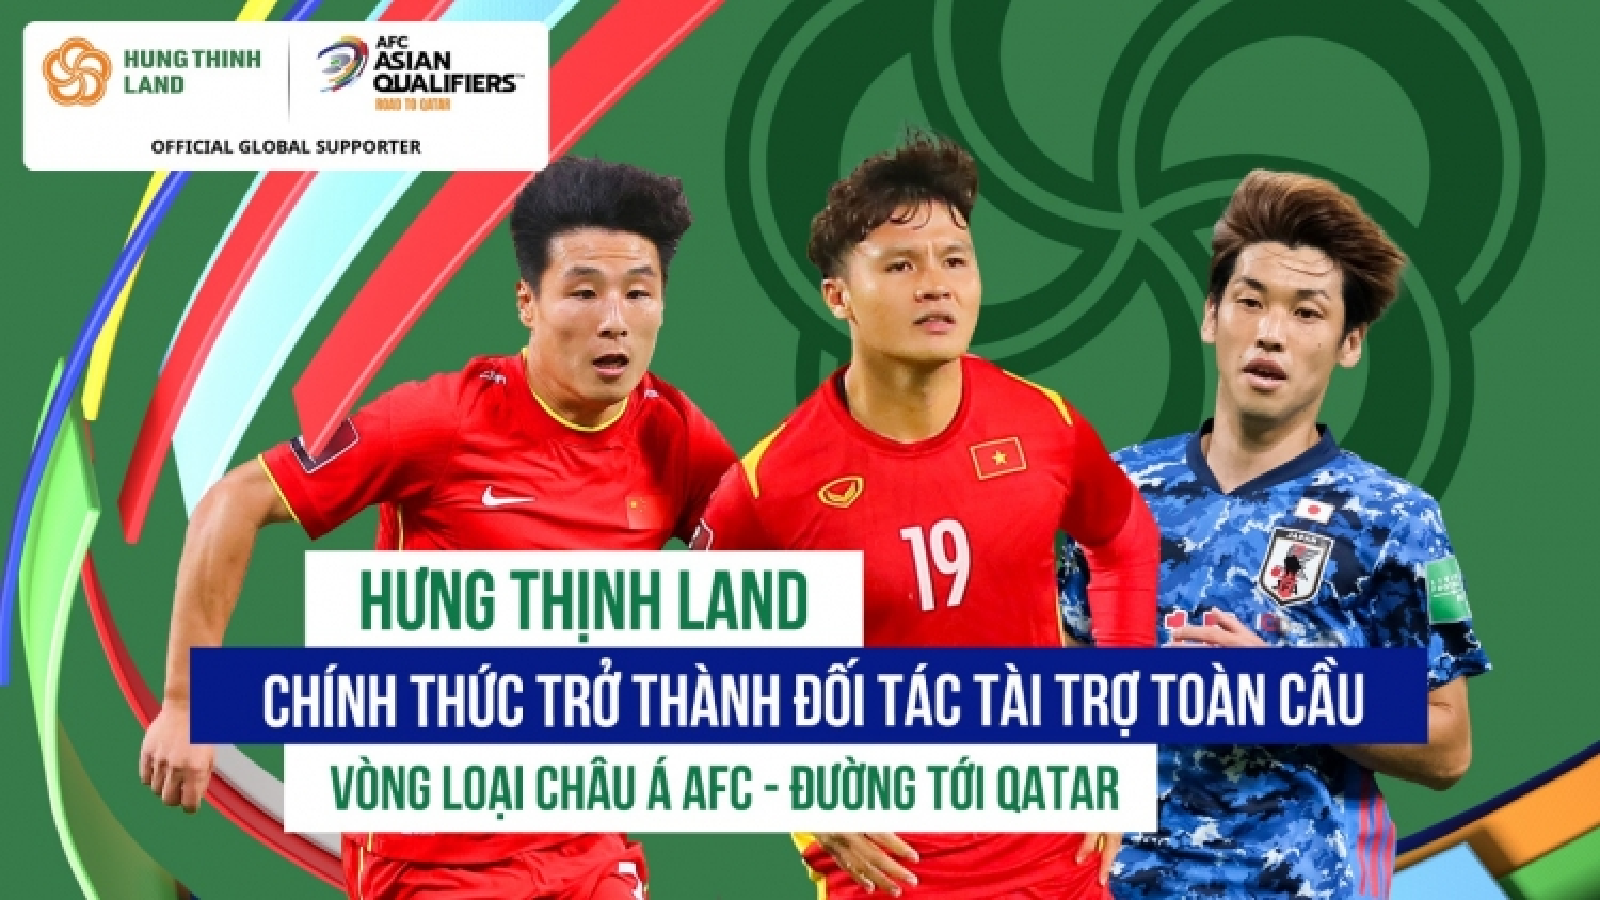 Liên đoàn bóng đá châu Á (AFC)và Hưng Thịnh Land công bố hợp tác chính thức